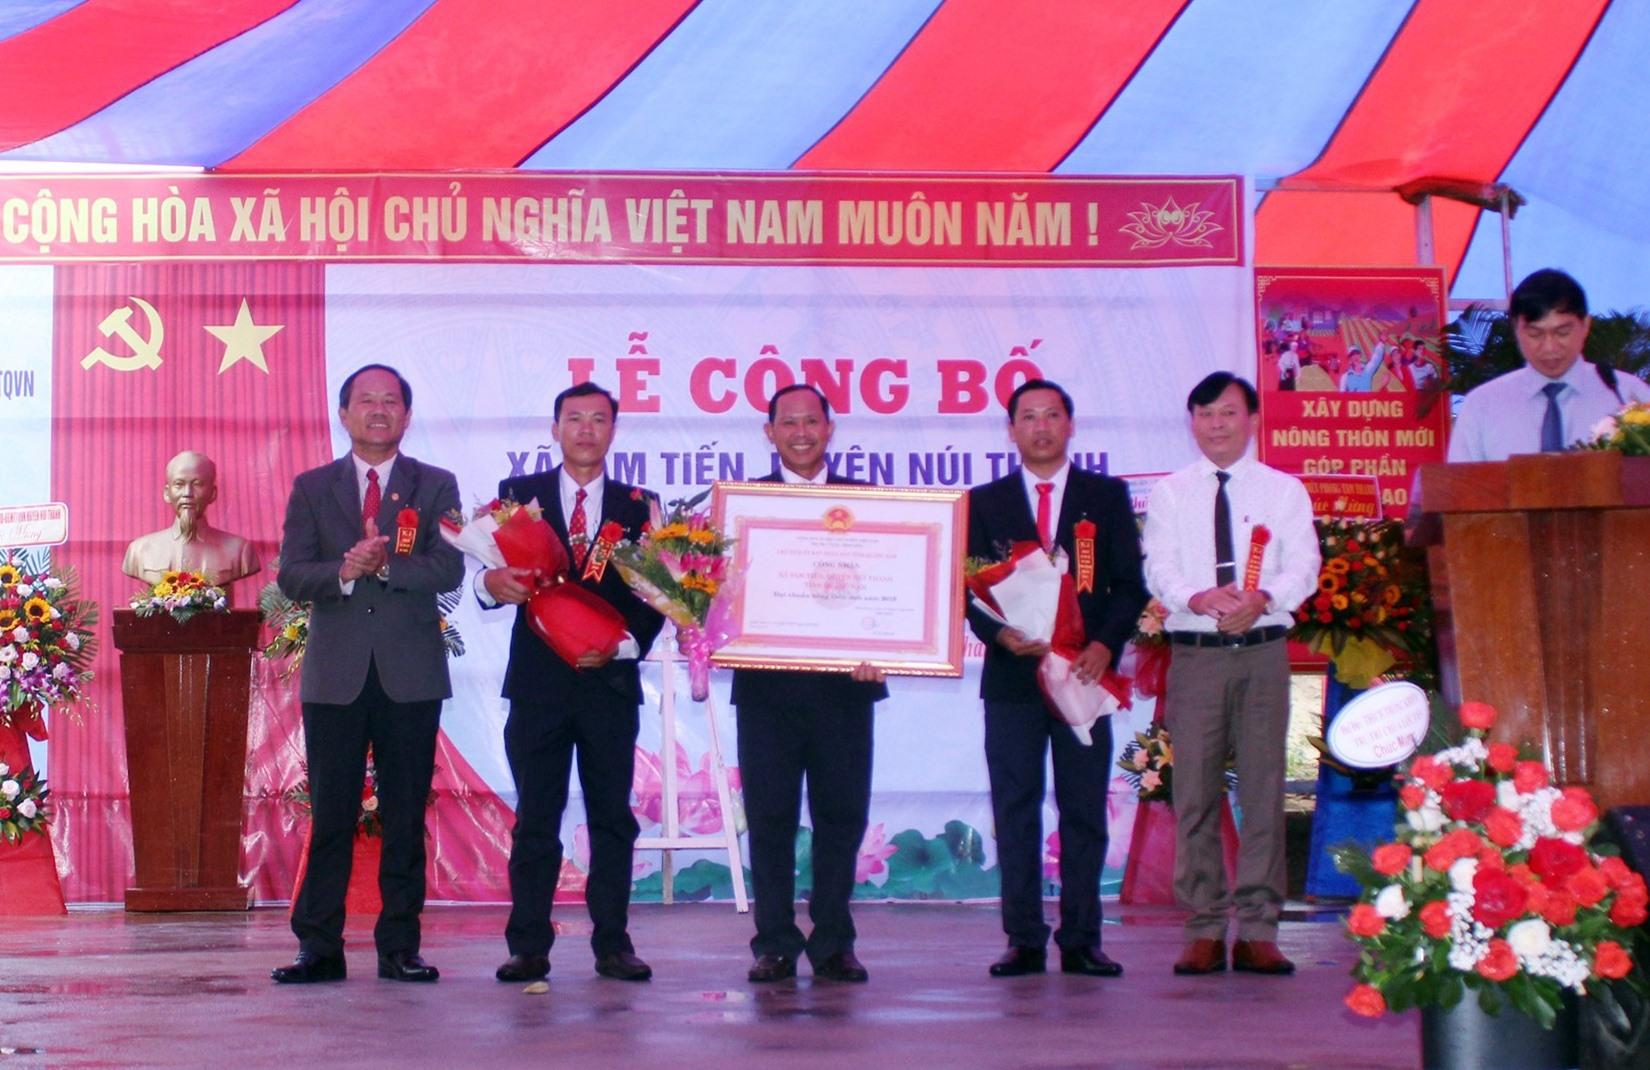 (QNO) - Sáng 16.10, xã Tam Tiến (Núi Thành) tổ chức lễ công bố đạt chuẩn nông thôn mới (NTM) năm 2019.